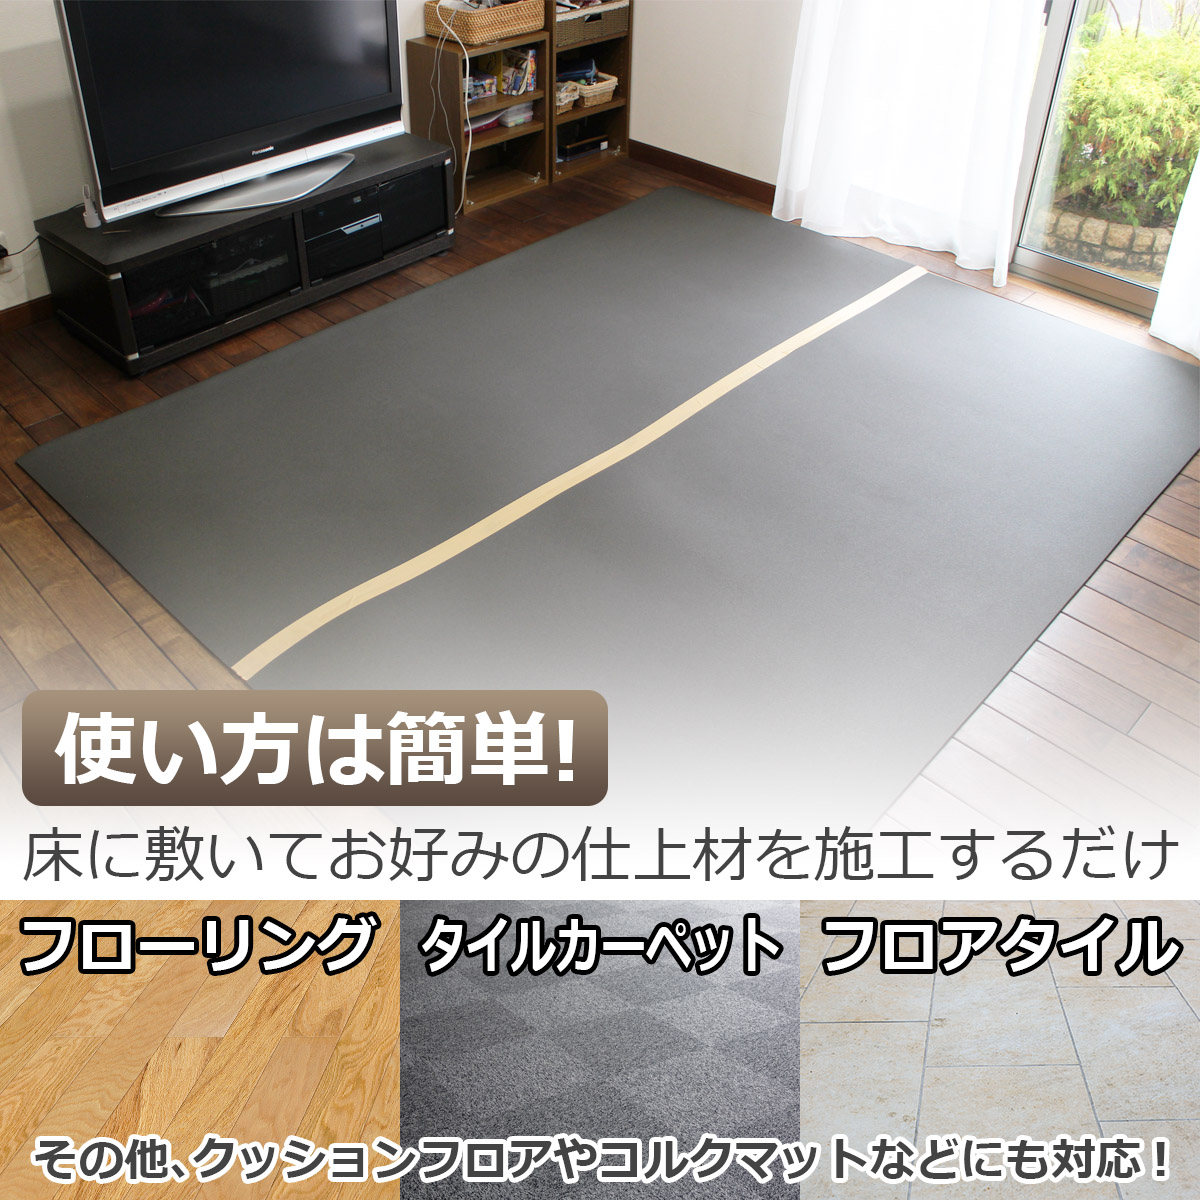 使い方は簡単!床に敷いてお好みの仕上げ材を施工するだけ!